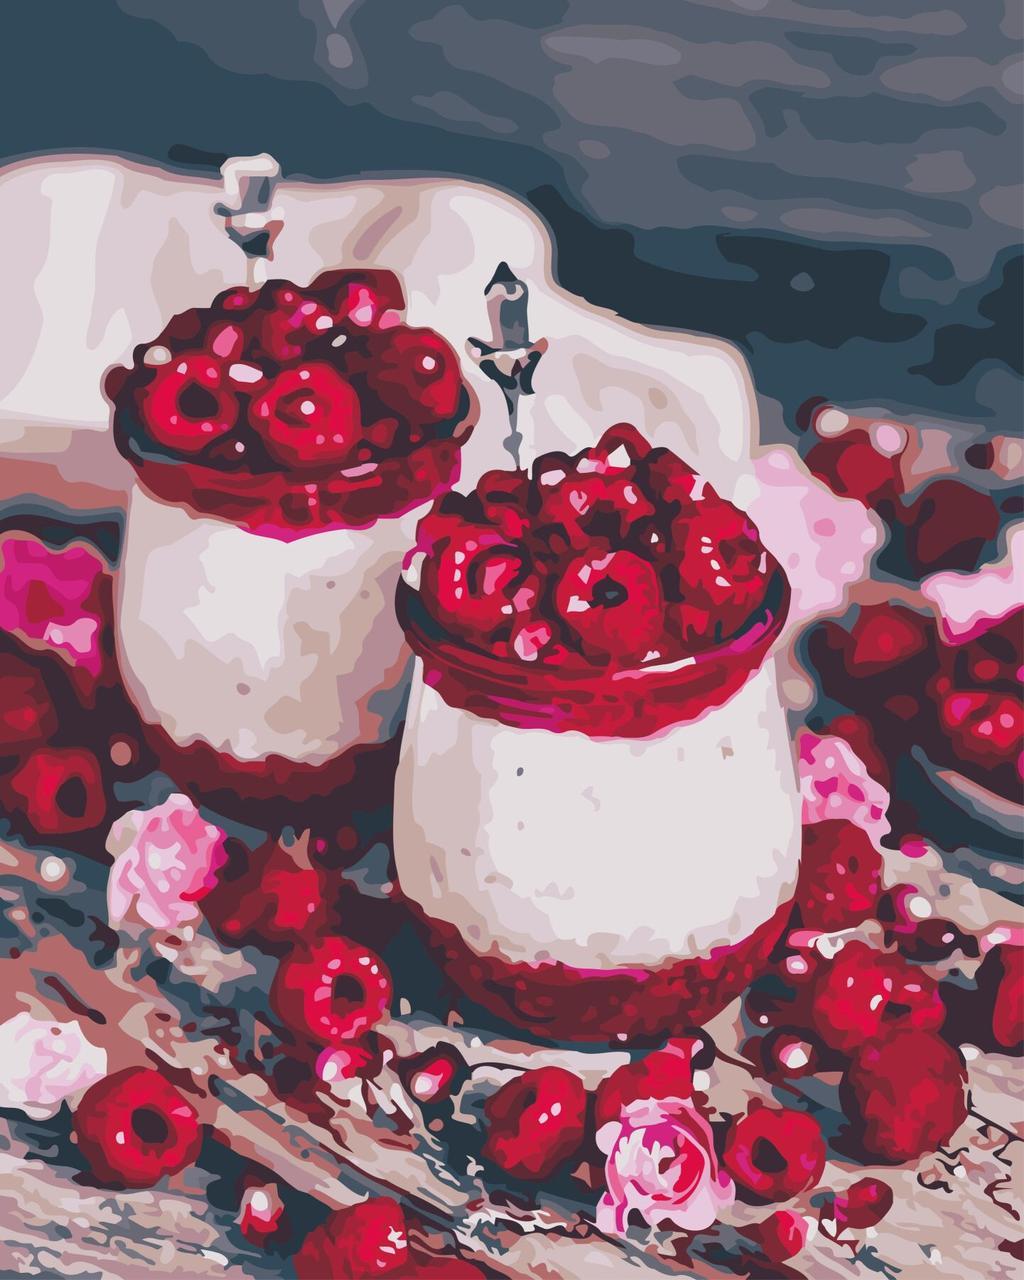 AS0591 Картина-набор по номерам Малиновый десерт, В картонной коробке